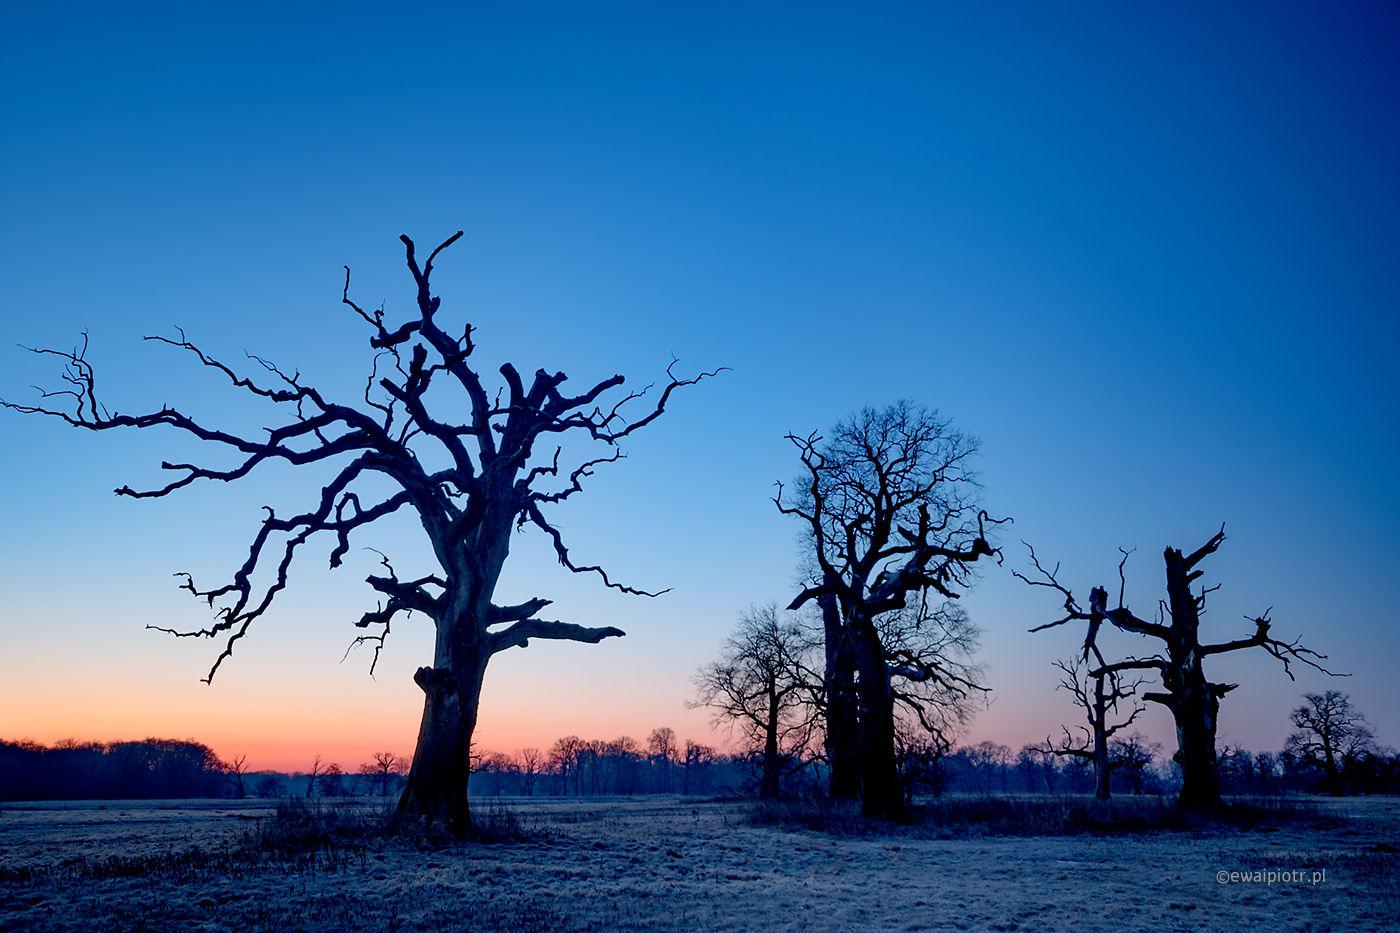 Niebieski poranek, Rogalin, warsztaty fotograficzne, wschód słońca, dęby